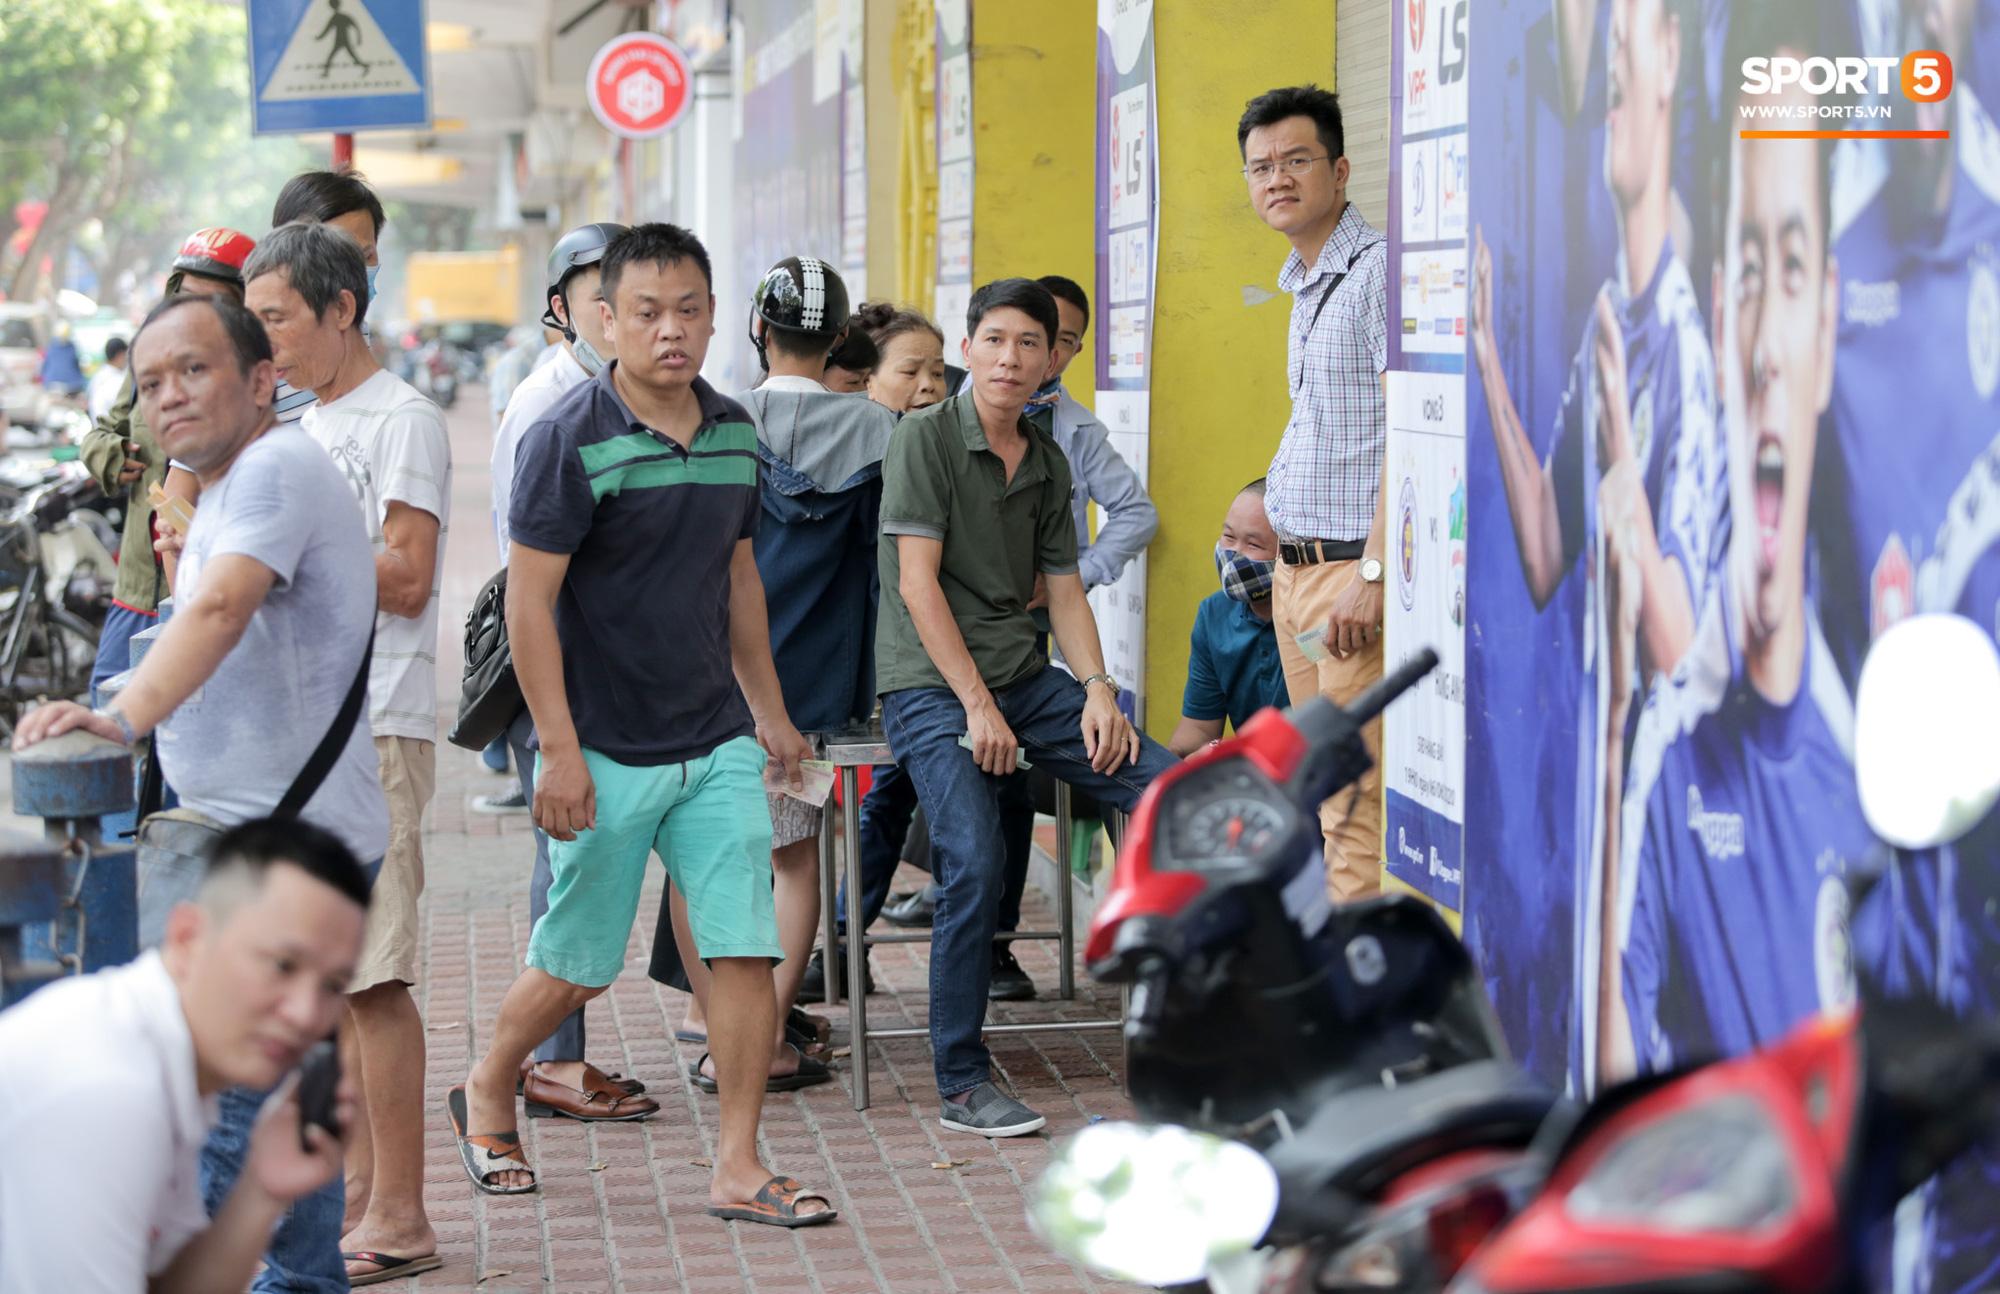 Mở bán vé xem Quang Hải so tài Văn Toàn vào giờ đi làm, dân phe lại đông hơn CĐV - Ảnh 7.